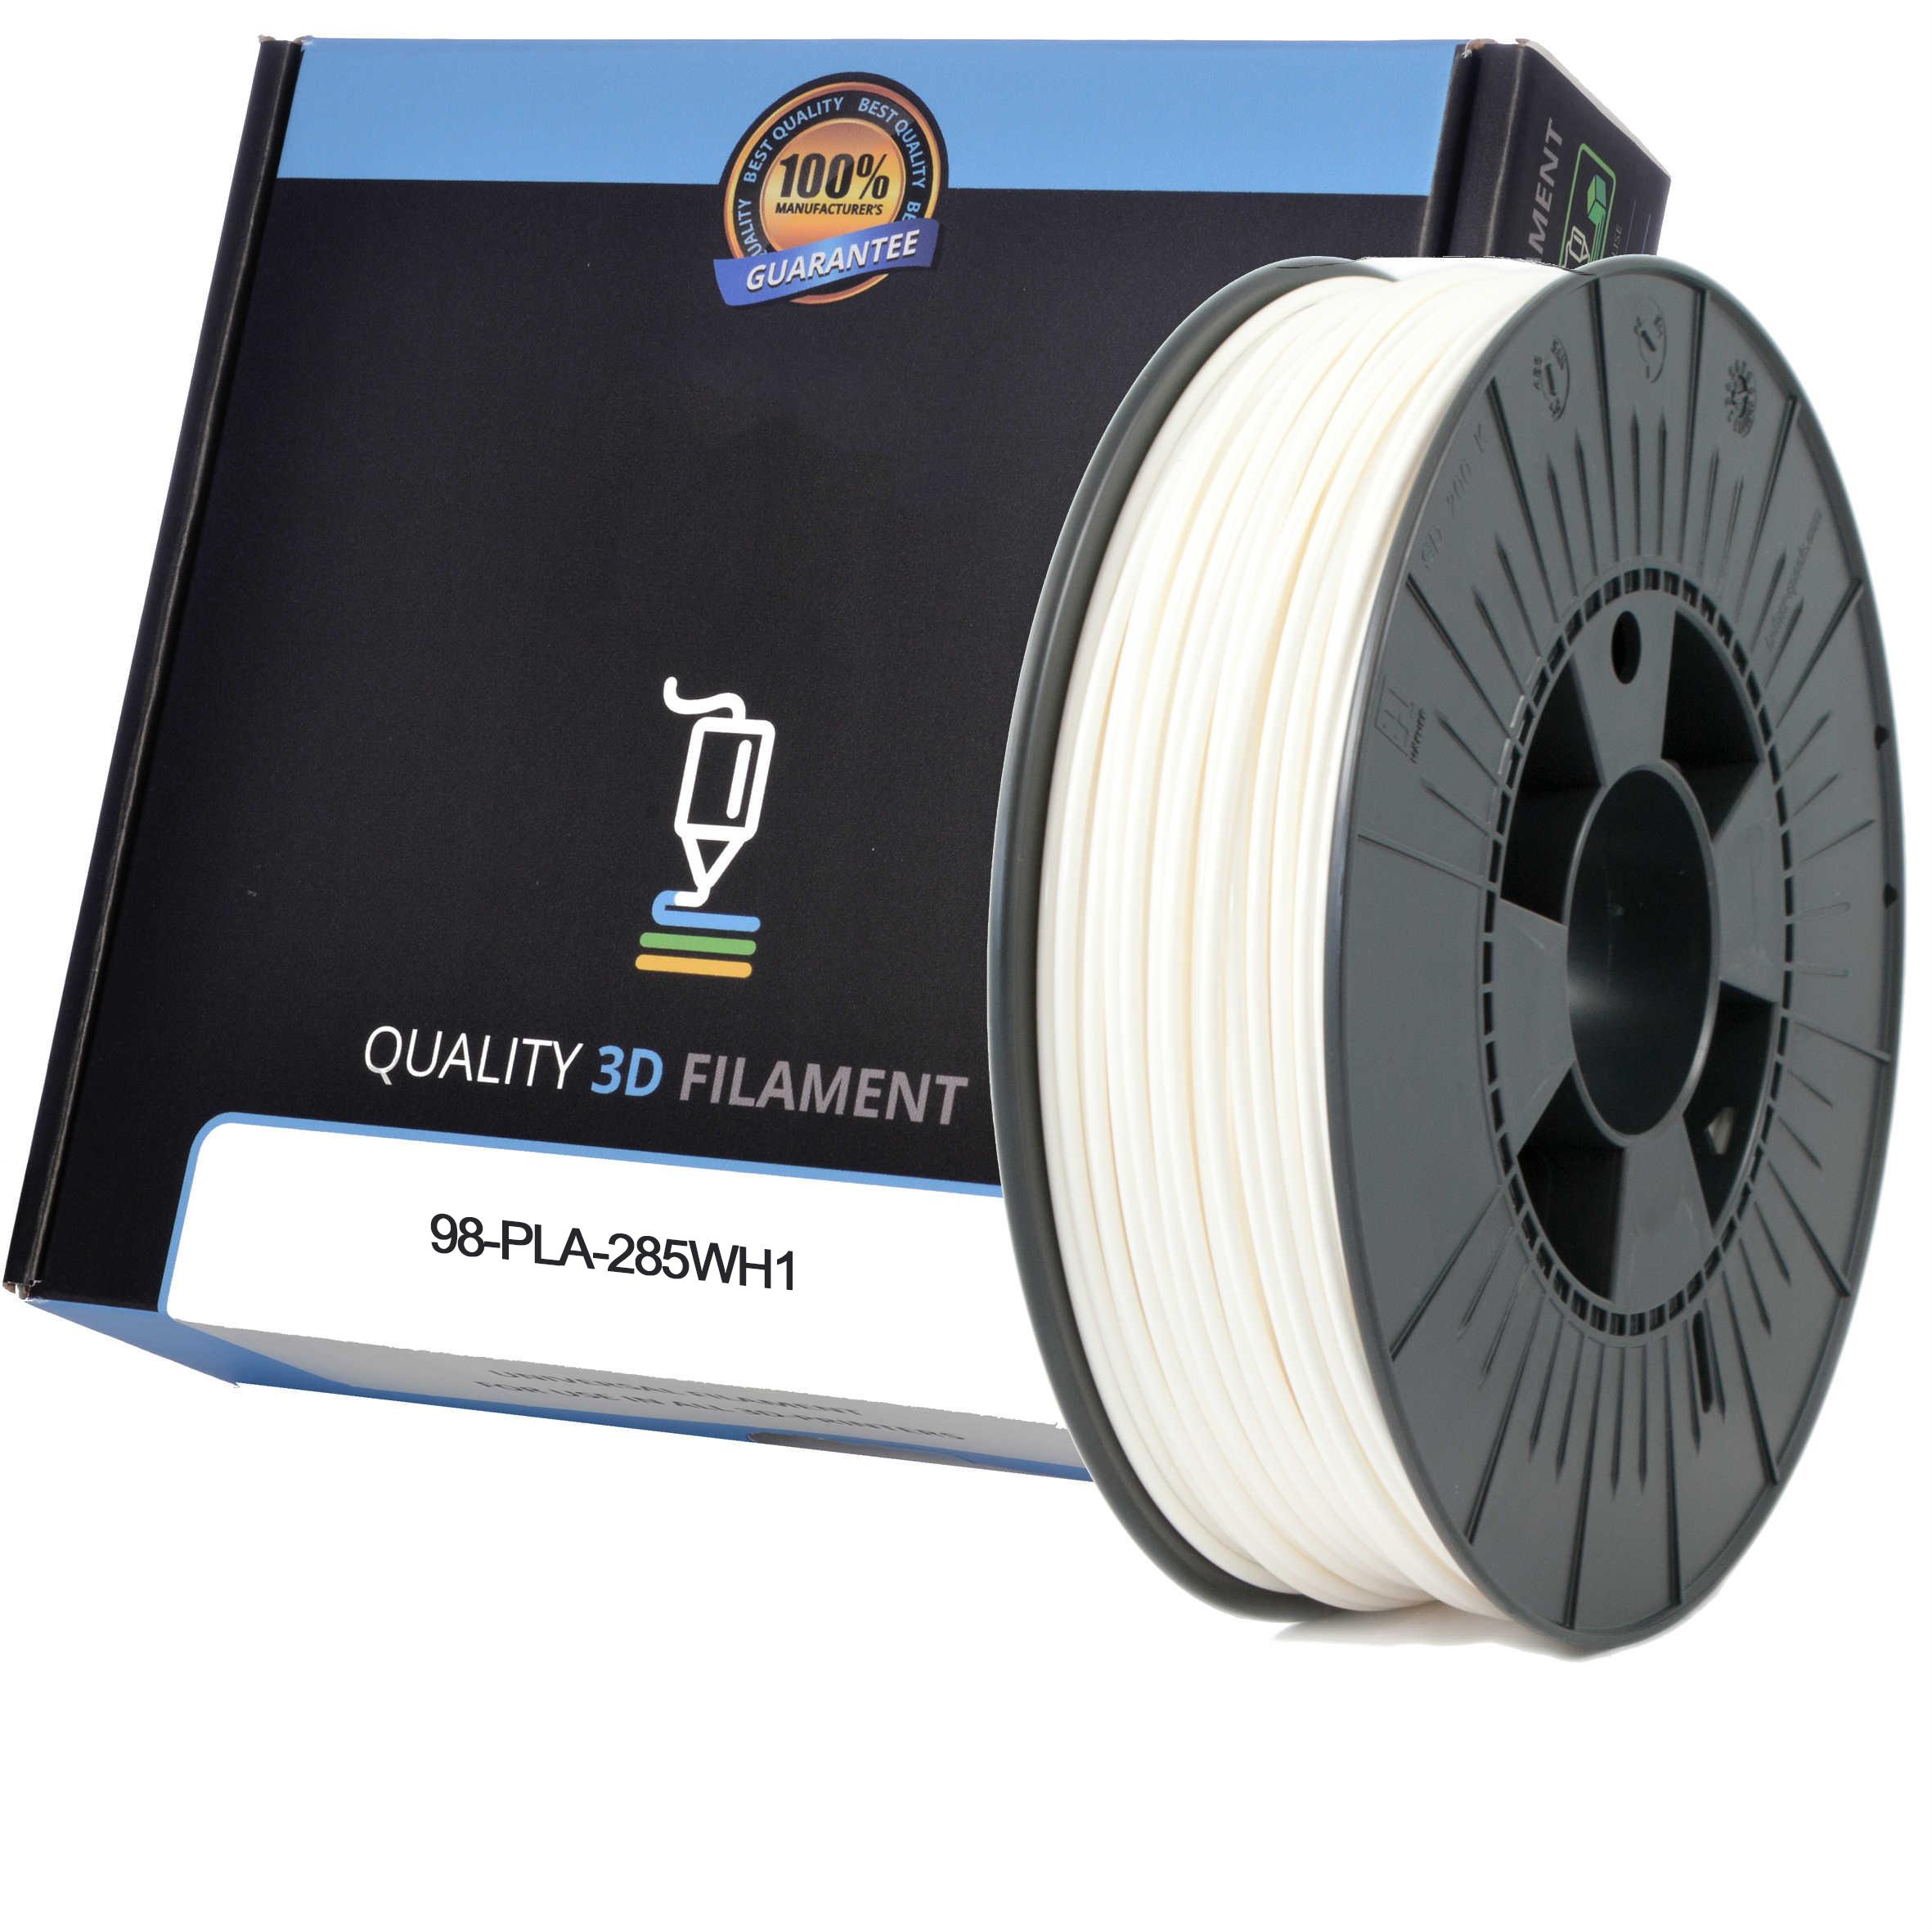 Premium Compatible PLA 2.85mm White 0.5kg 3D Filament (98-PLA-285WH1)